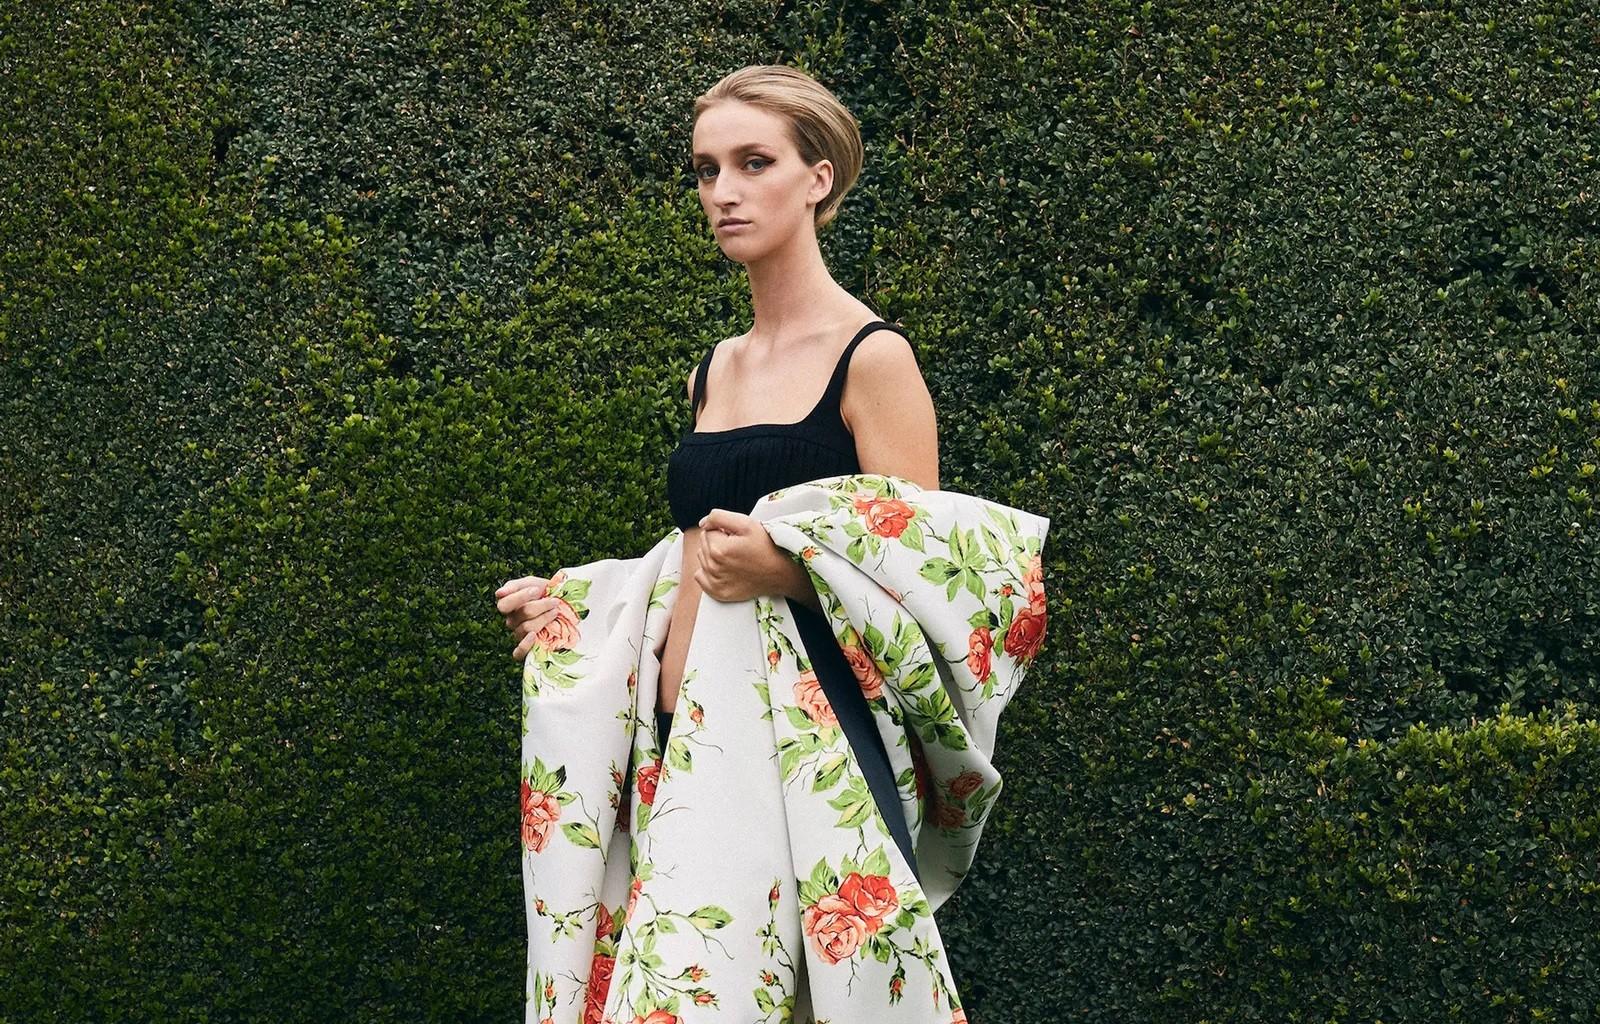 Неделя моды в Лондоне весна 2022 года: множество промахов и немного хитов